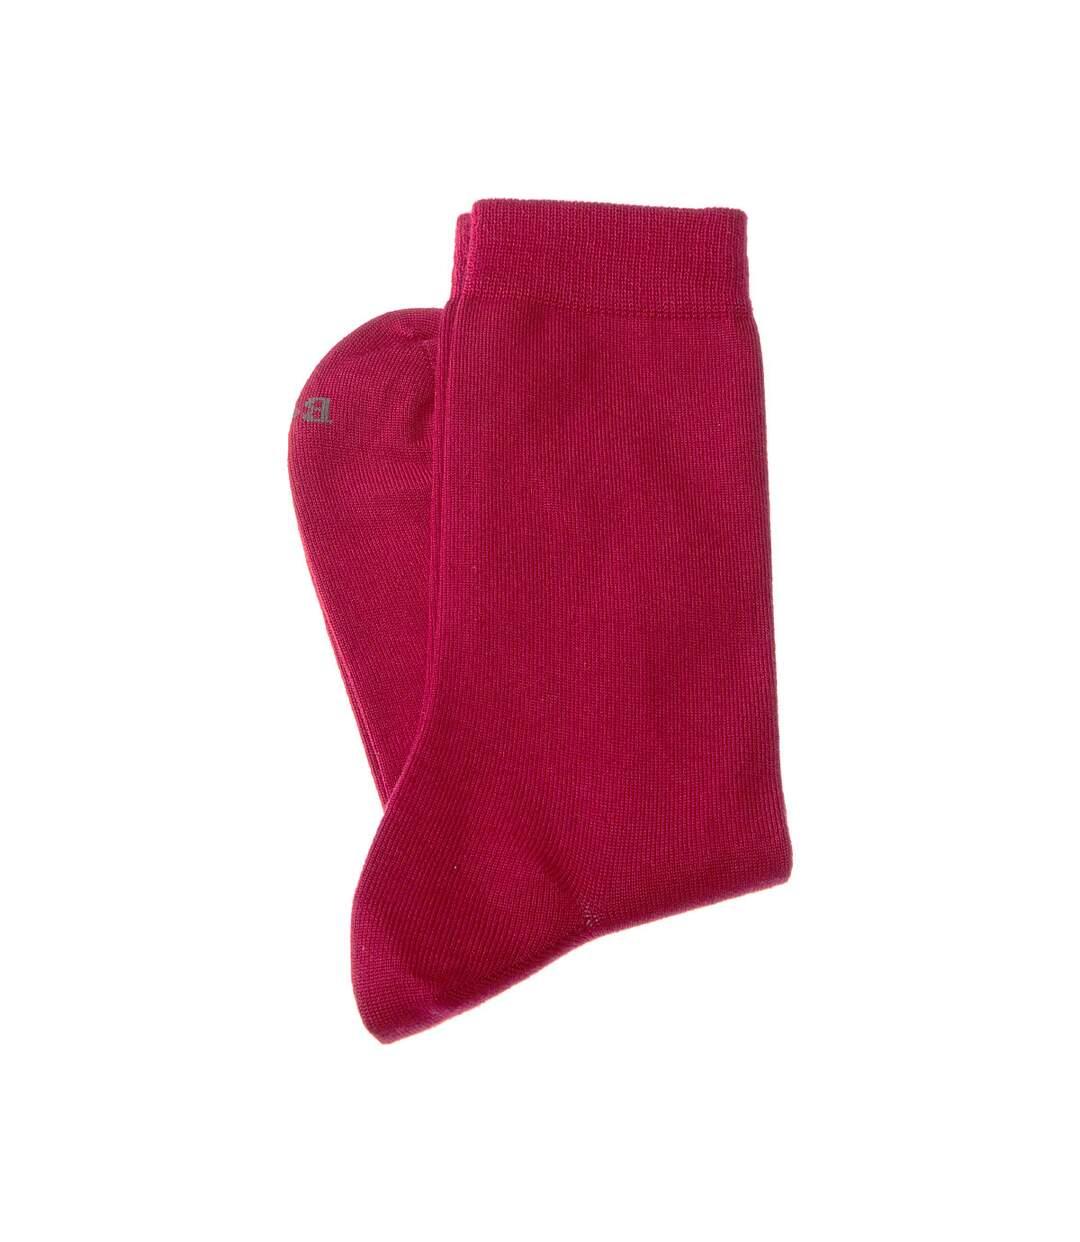 Dégagement Chaussette Niveau mollet 1 paire Coutures plates Sans bouclette Fine Cachemire Rouge Excellence dsf.d455nksdKLFHG